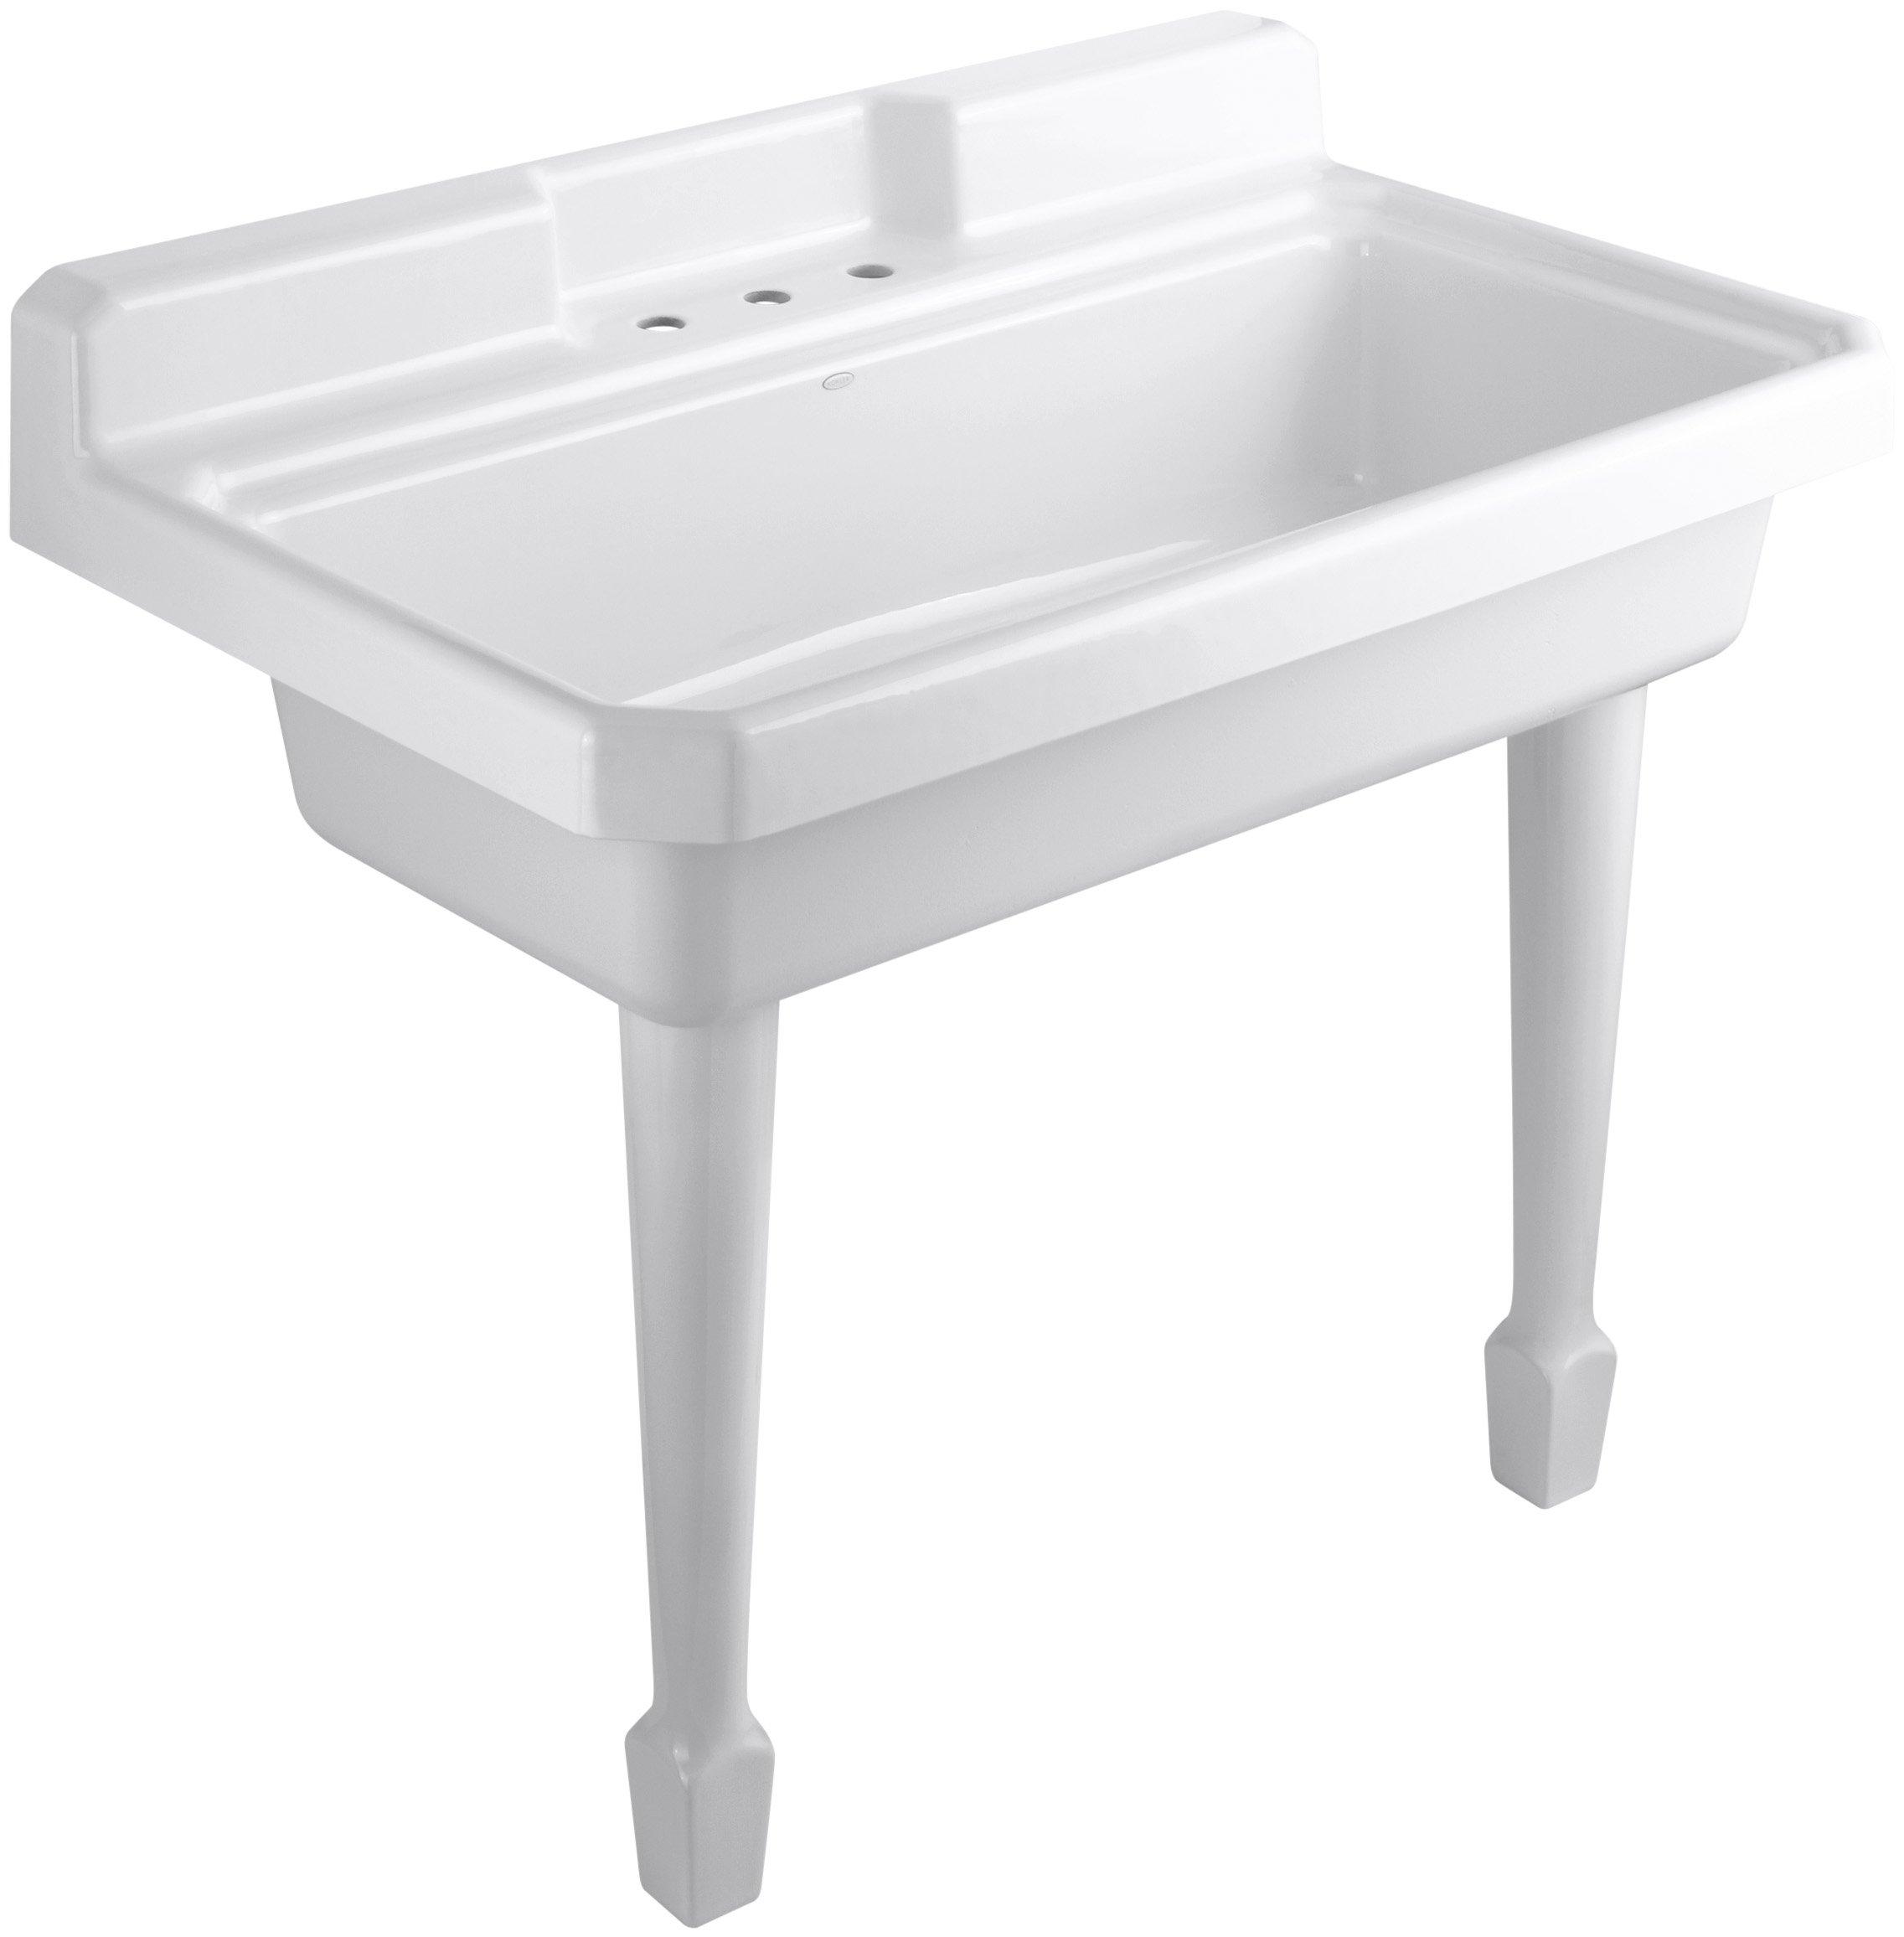 KOHLER K-6607-3-0 Harborview Self-Rimming or Wall-Mount Utility Sink, White by Kohler